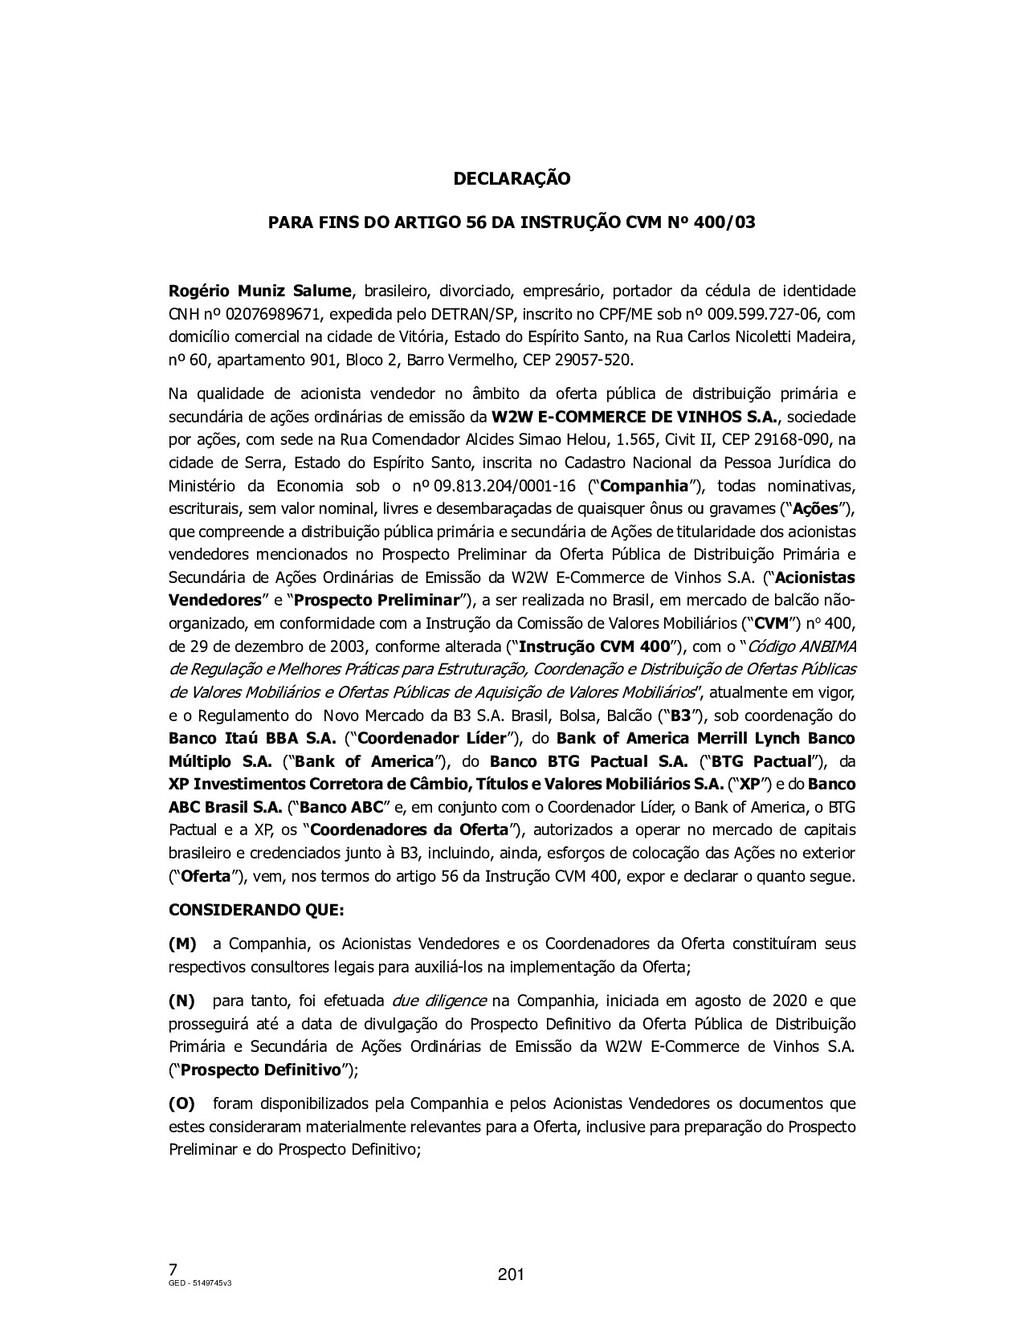 7 GED - 5149745v3 DECLARAÇÃO PARA FINS DO ARTIG...